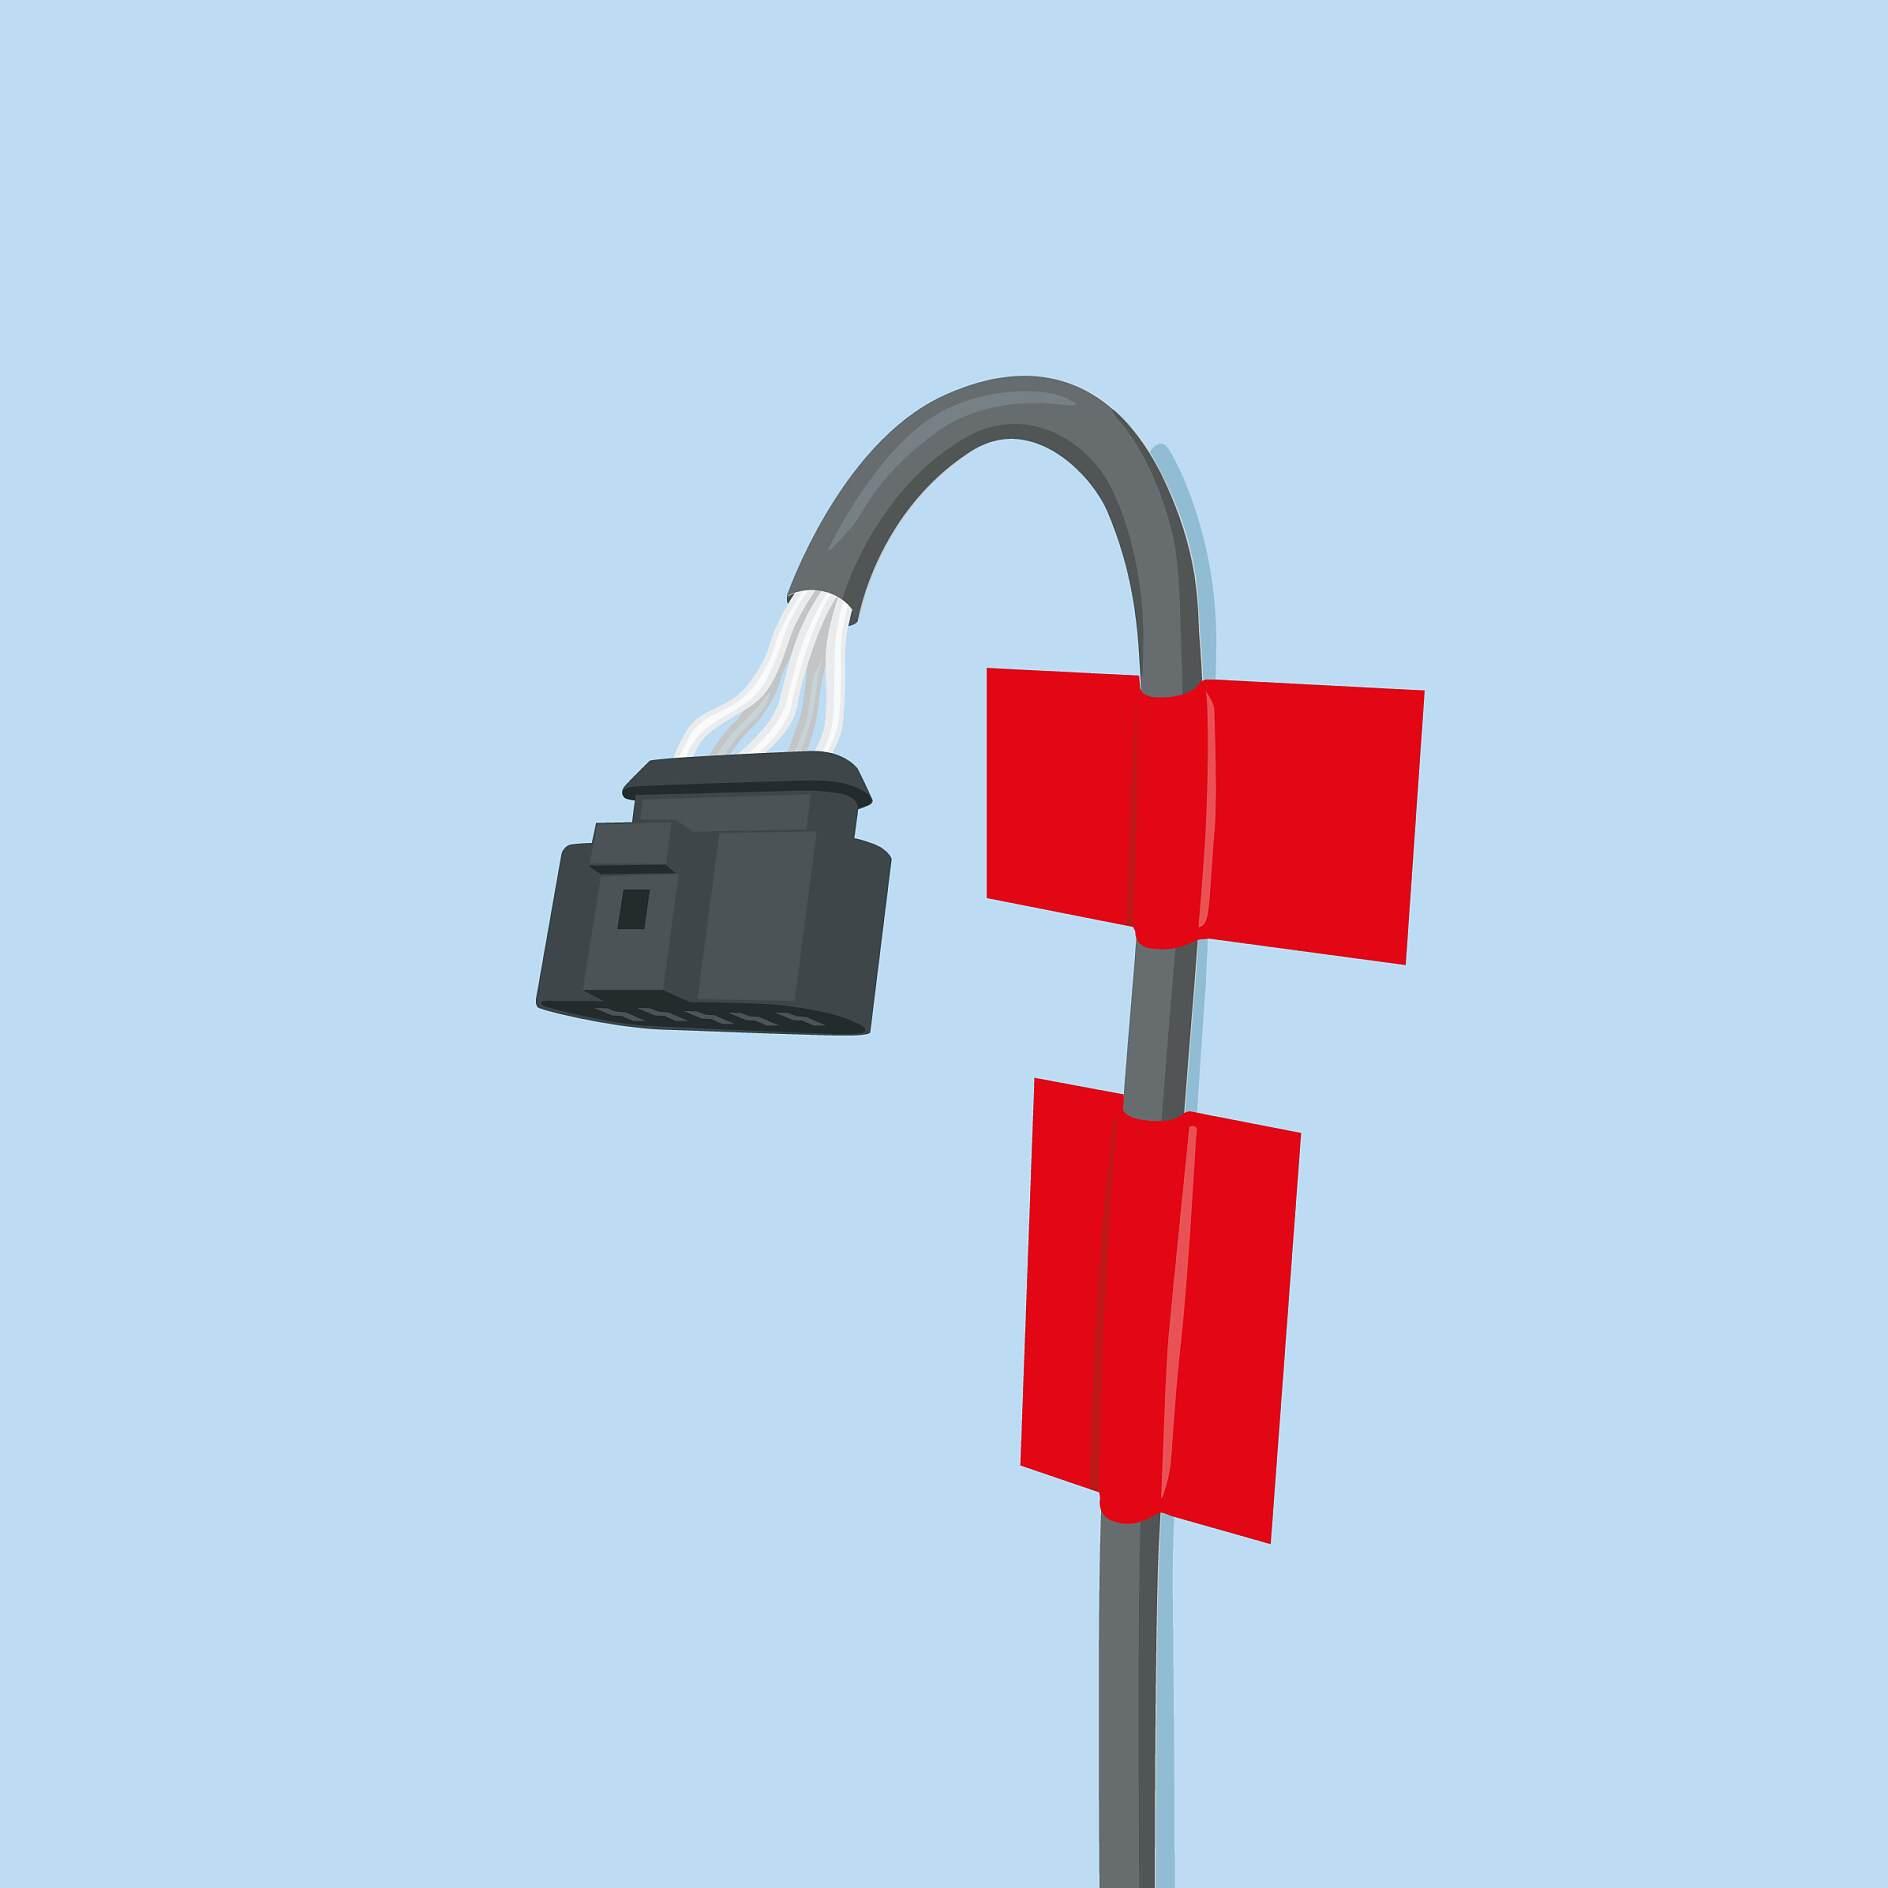 Kabelmanagement - Klebebänder für die Befestigung und Bündelung ...